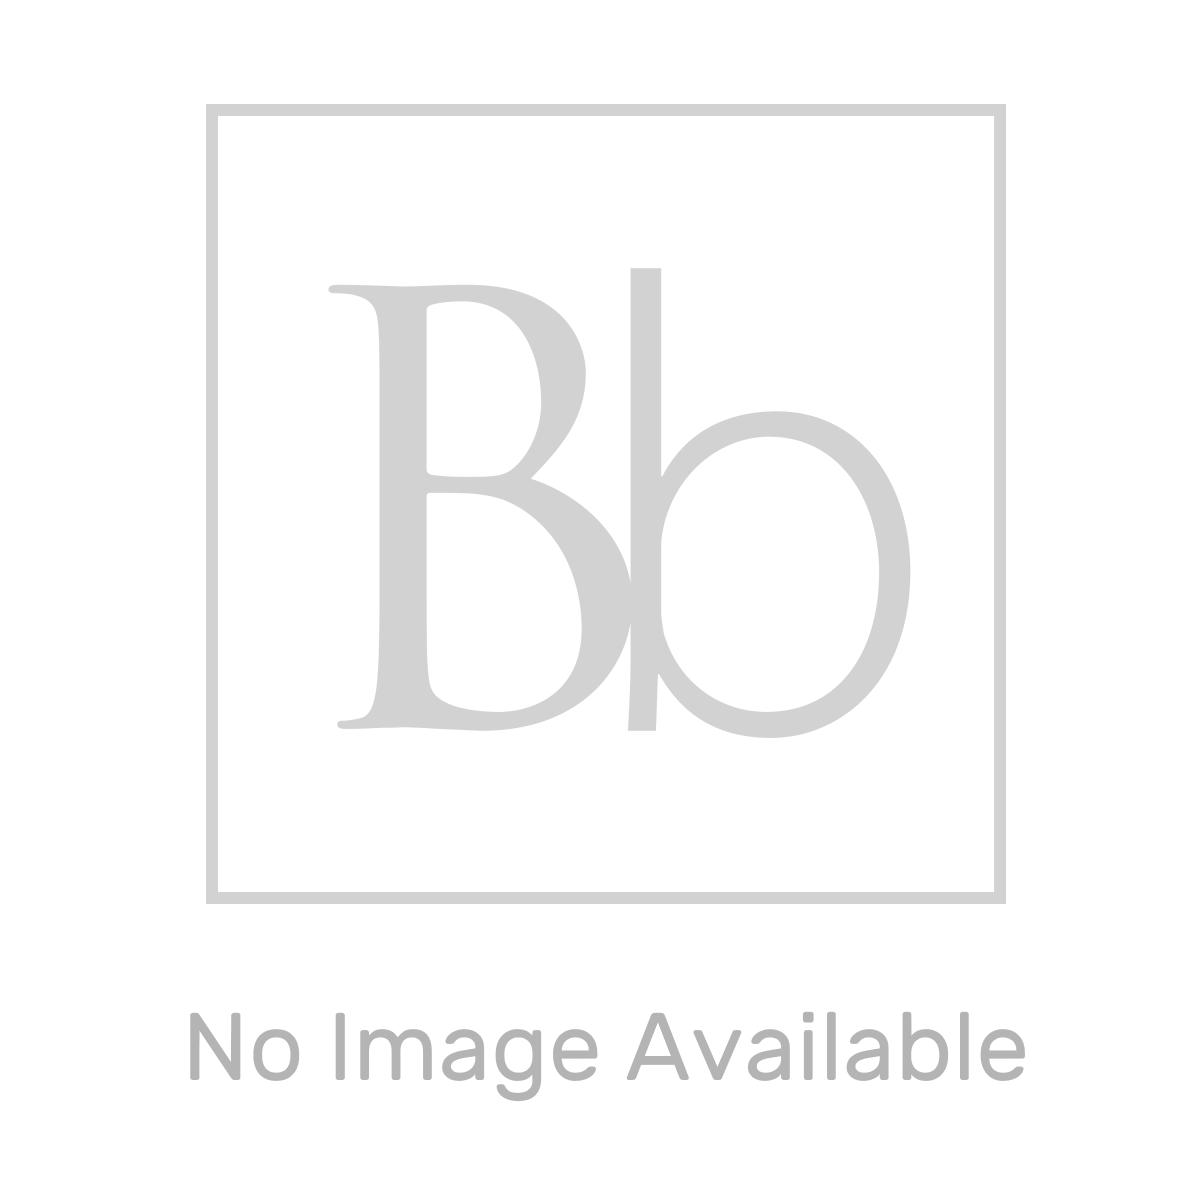 RAK Compact Close Coupled Toilet Measurements